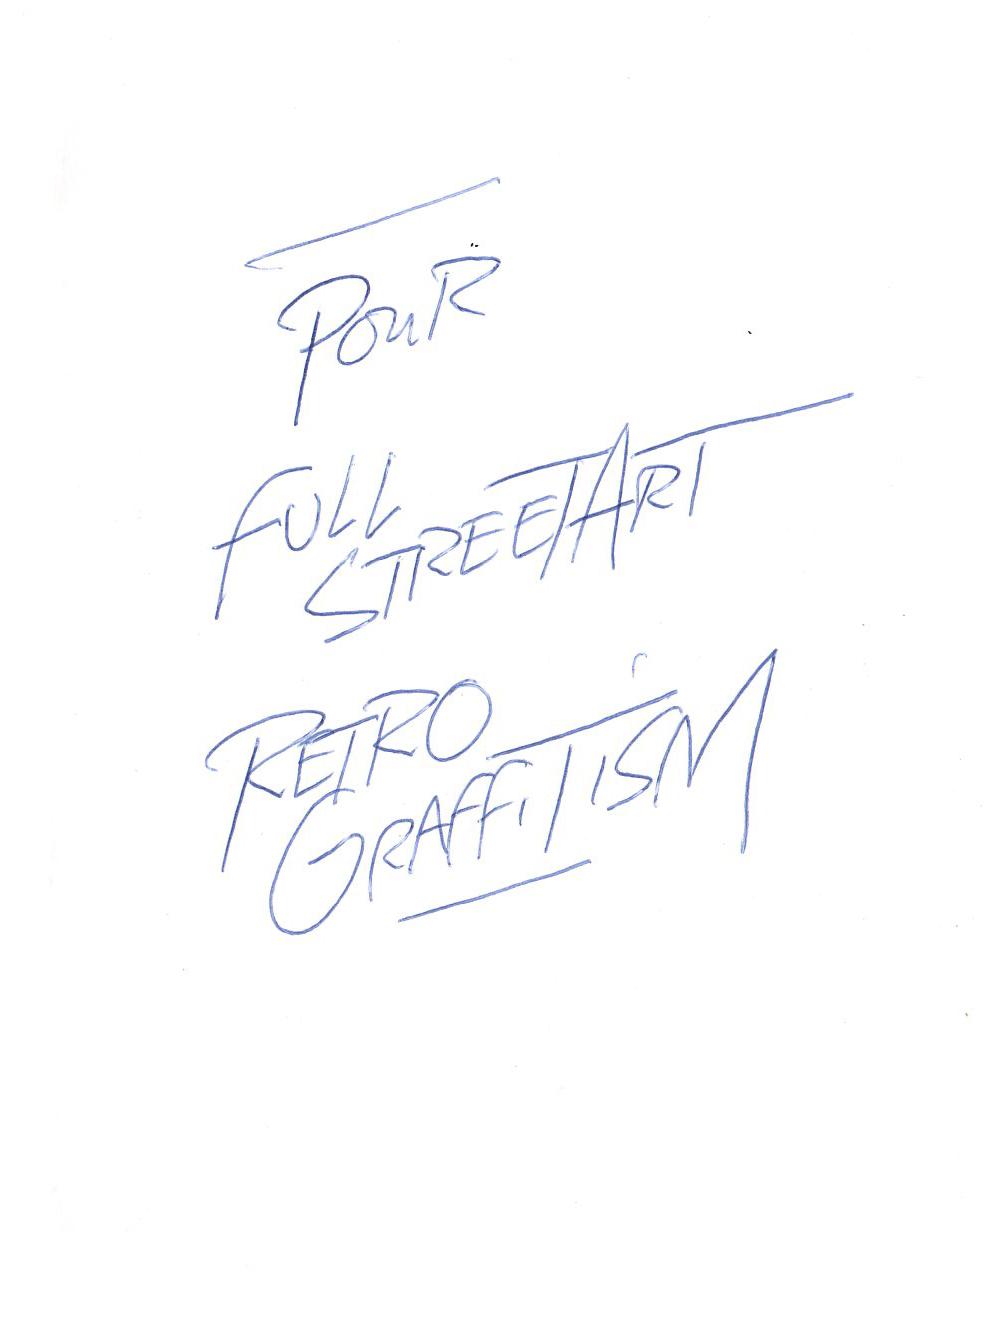 retro_graffitism_dedicace